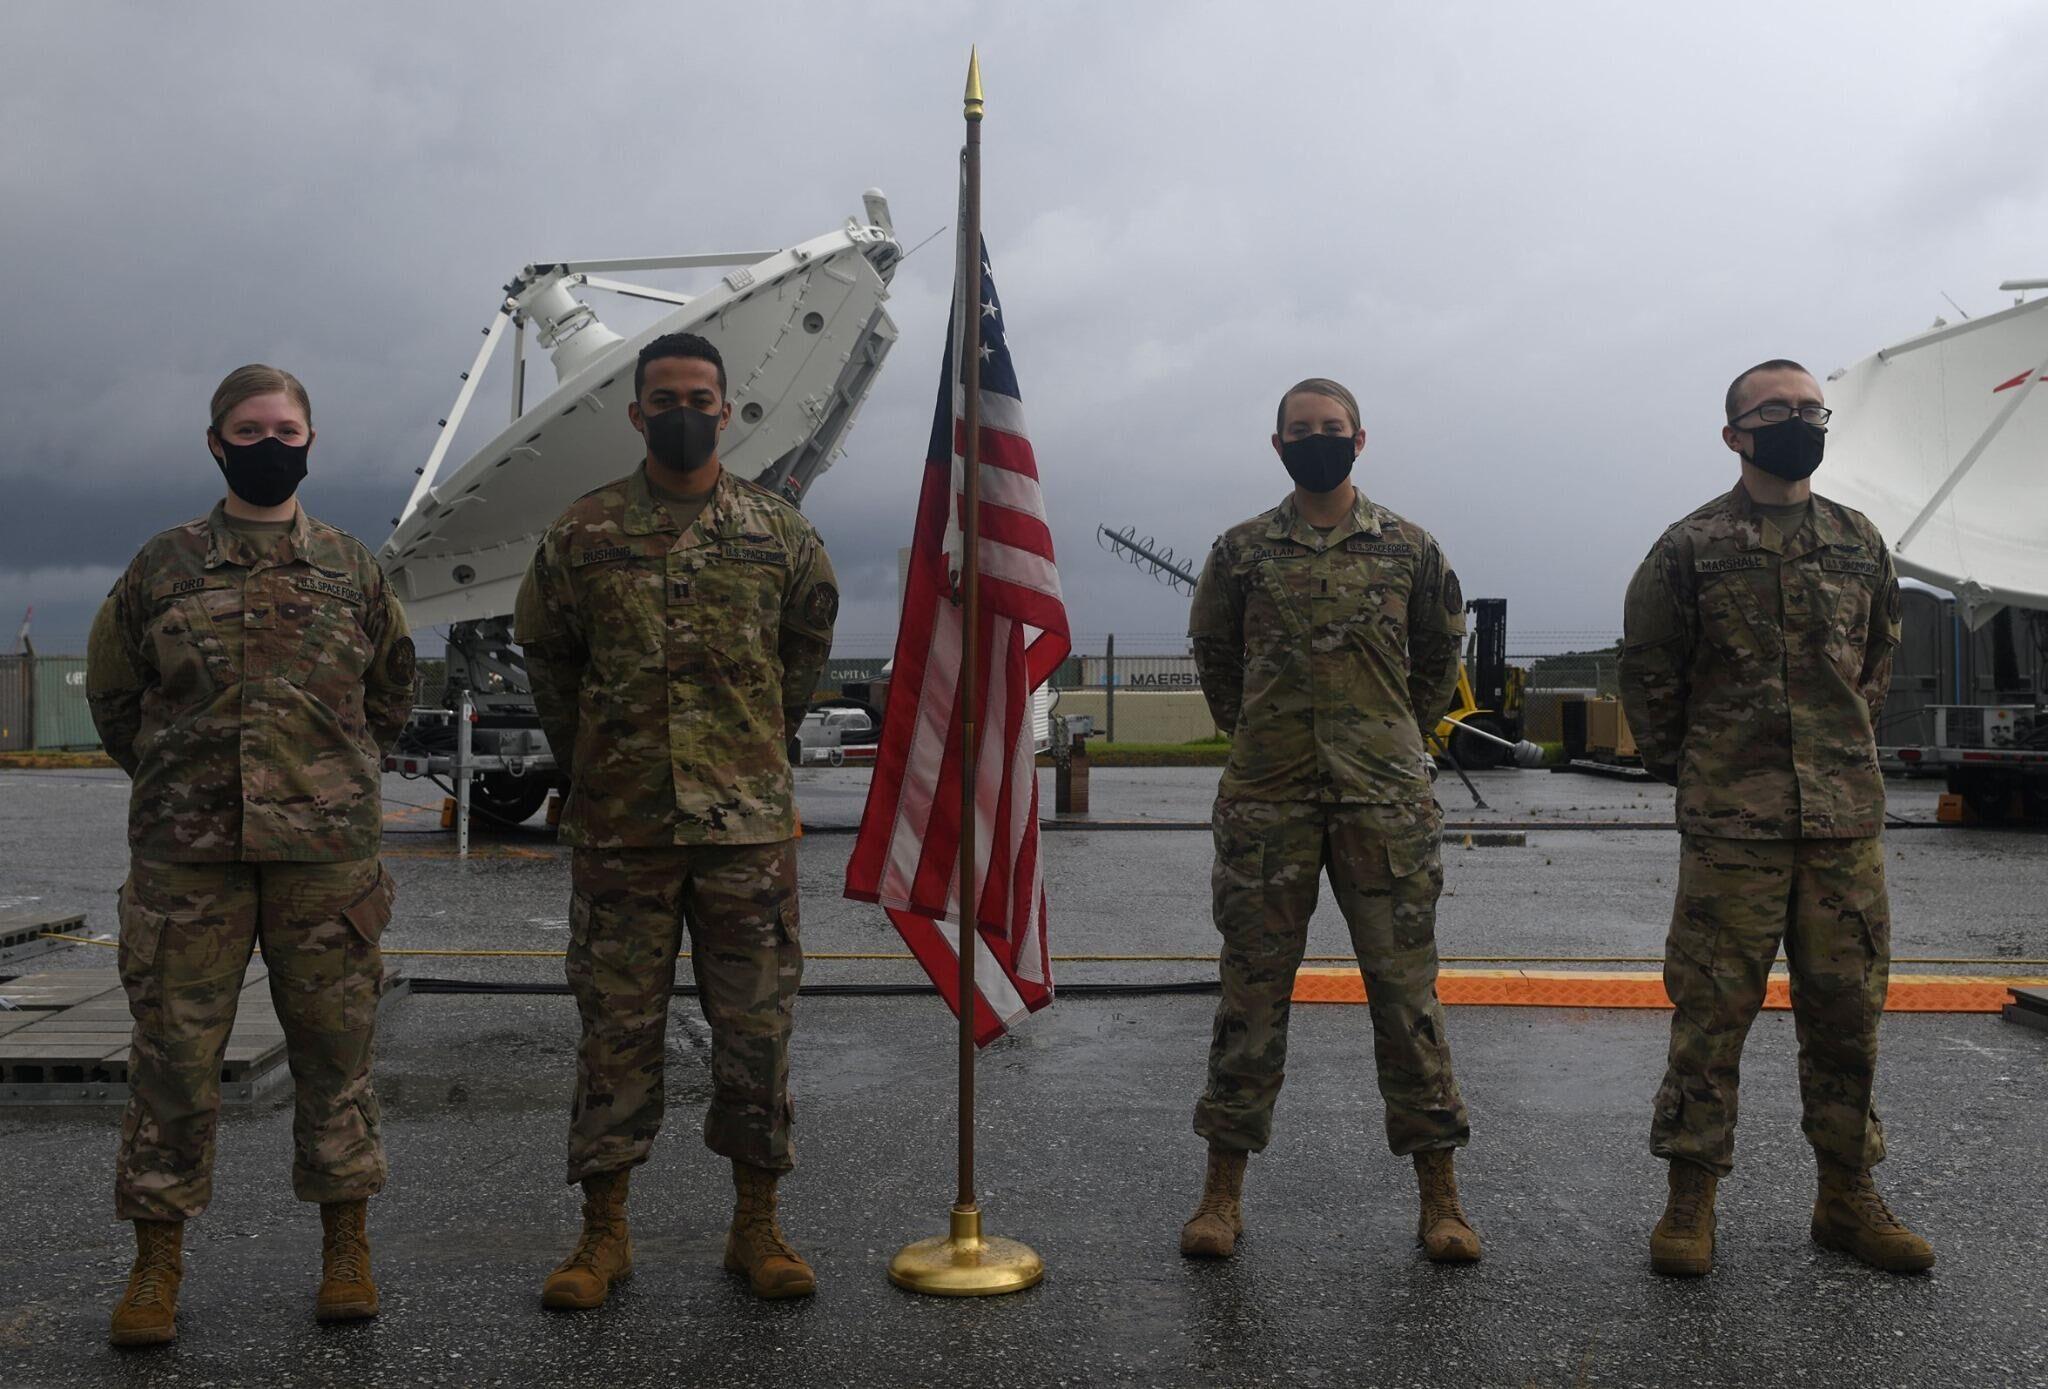 日本冲绳县疫情反复 驻日美军嘉手纳基地内有人感染